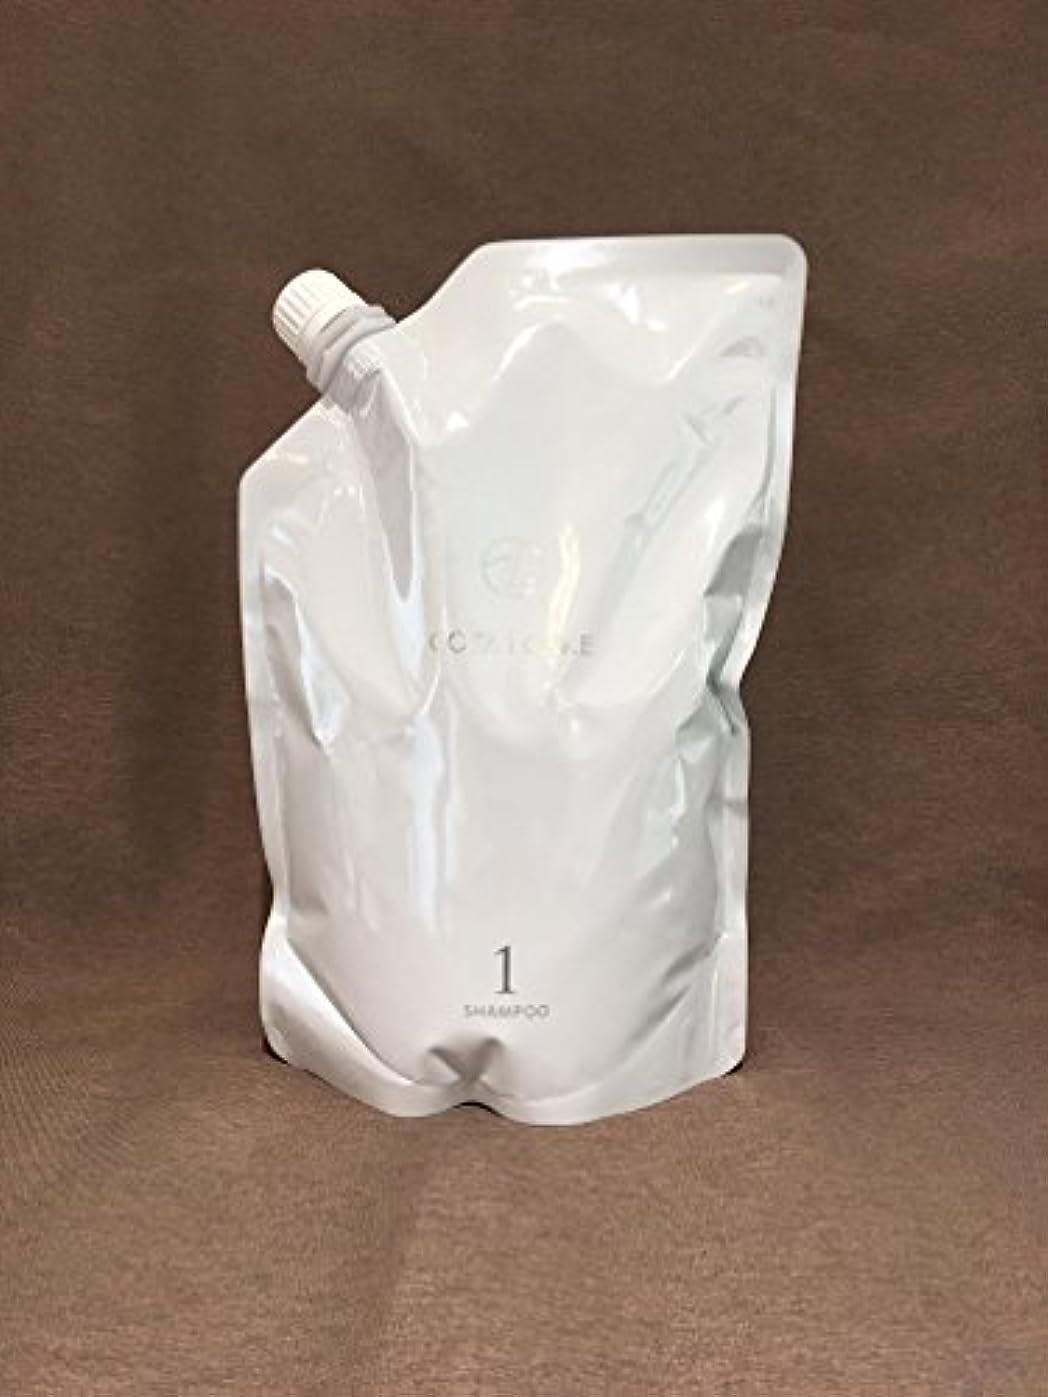 ウェイド薬用解凍する、雪解け、霜解けコタ アイケア COTA i CARE シャンプー1 750ml レフィル